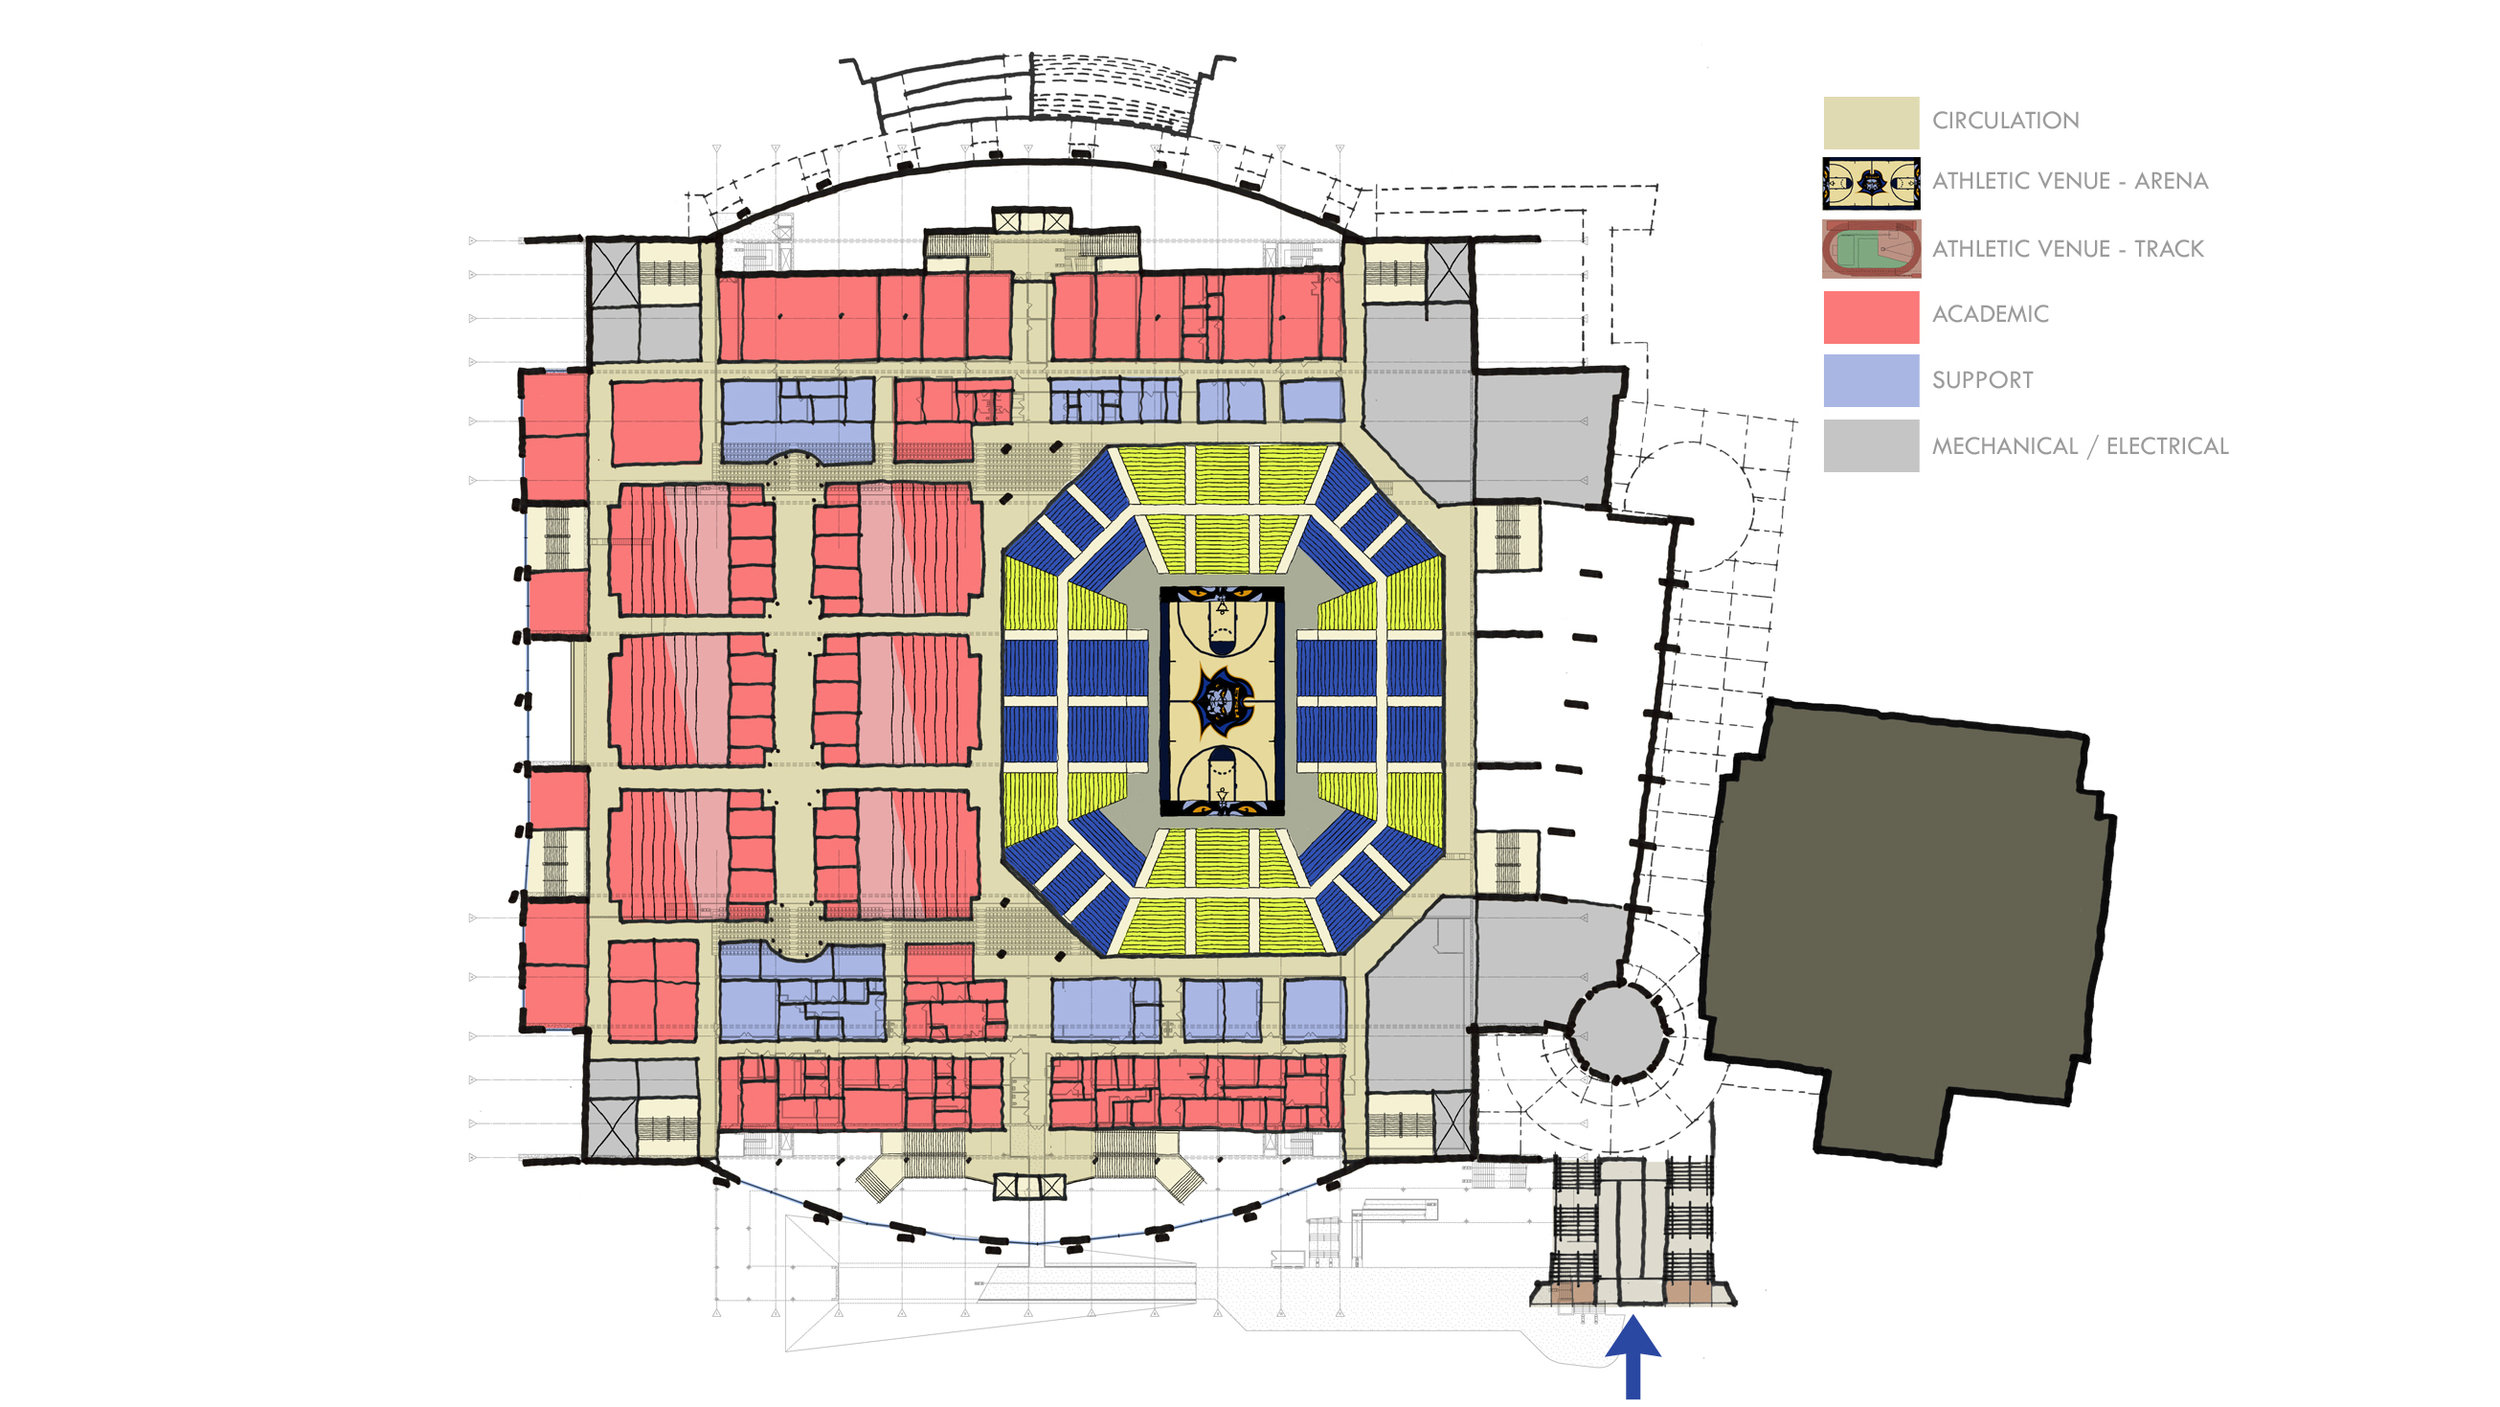 Floor Plan - Level 2